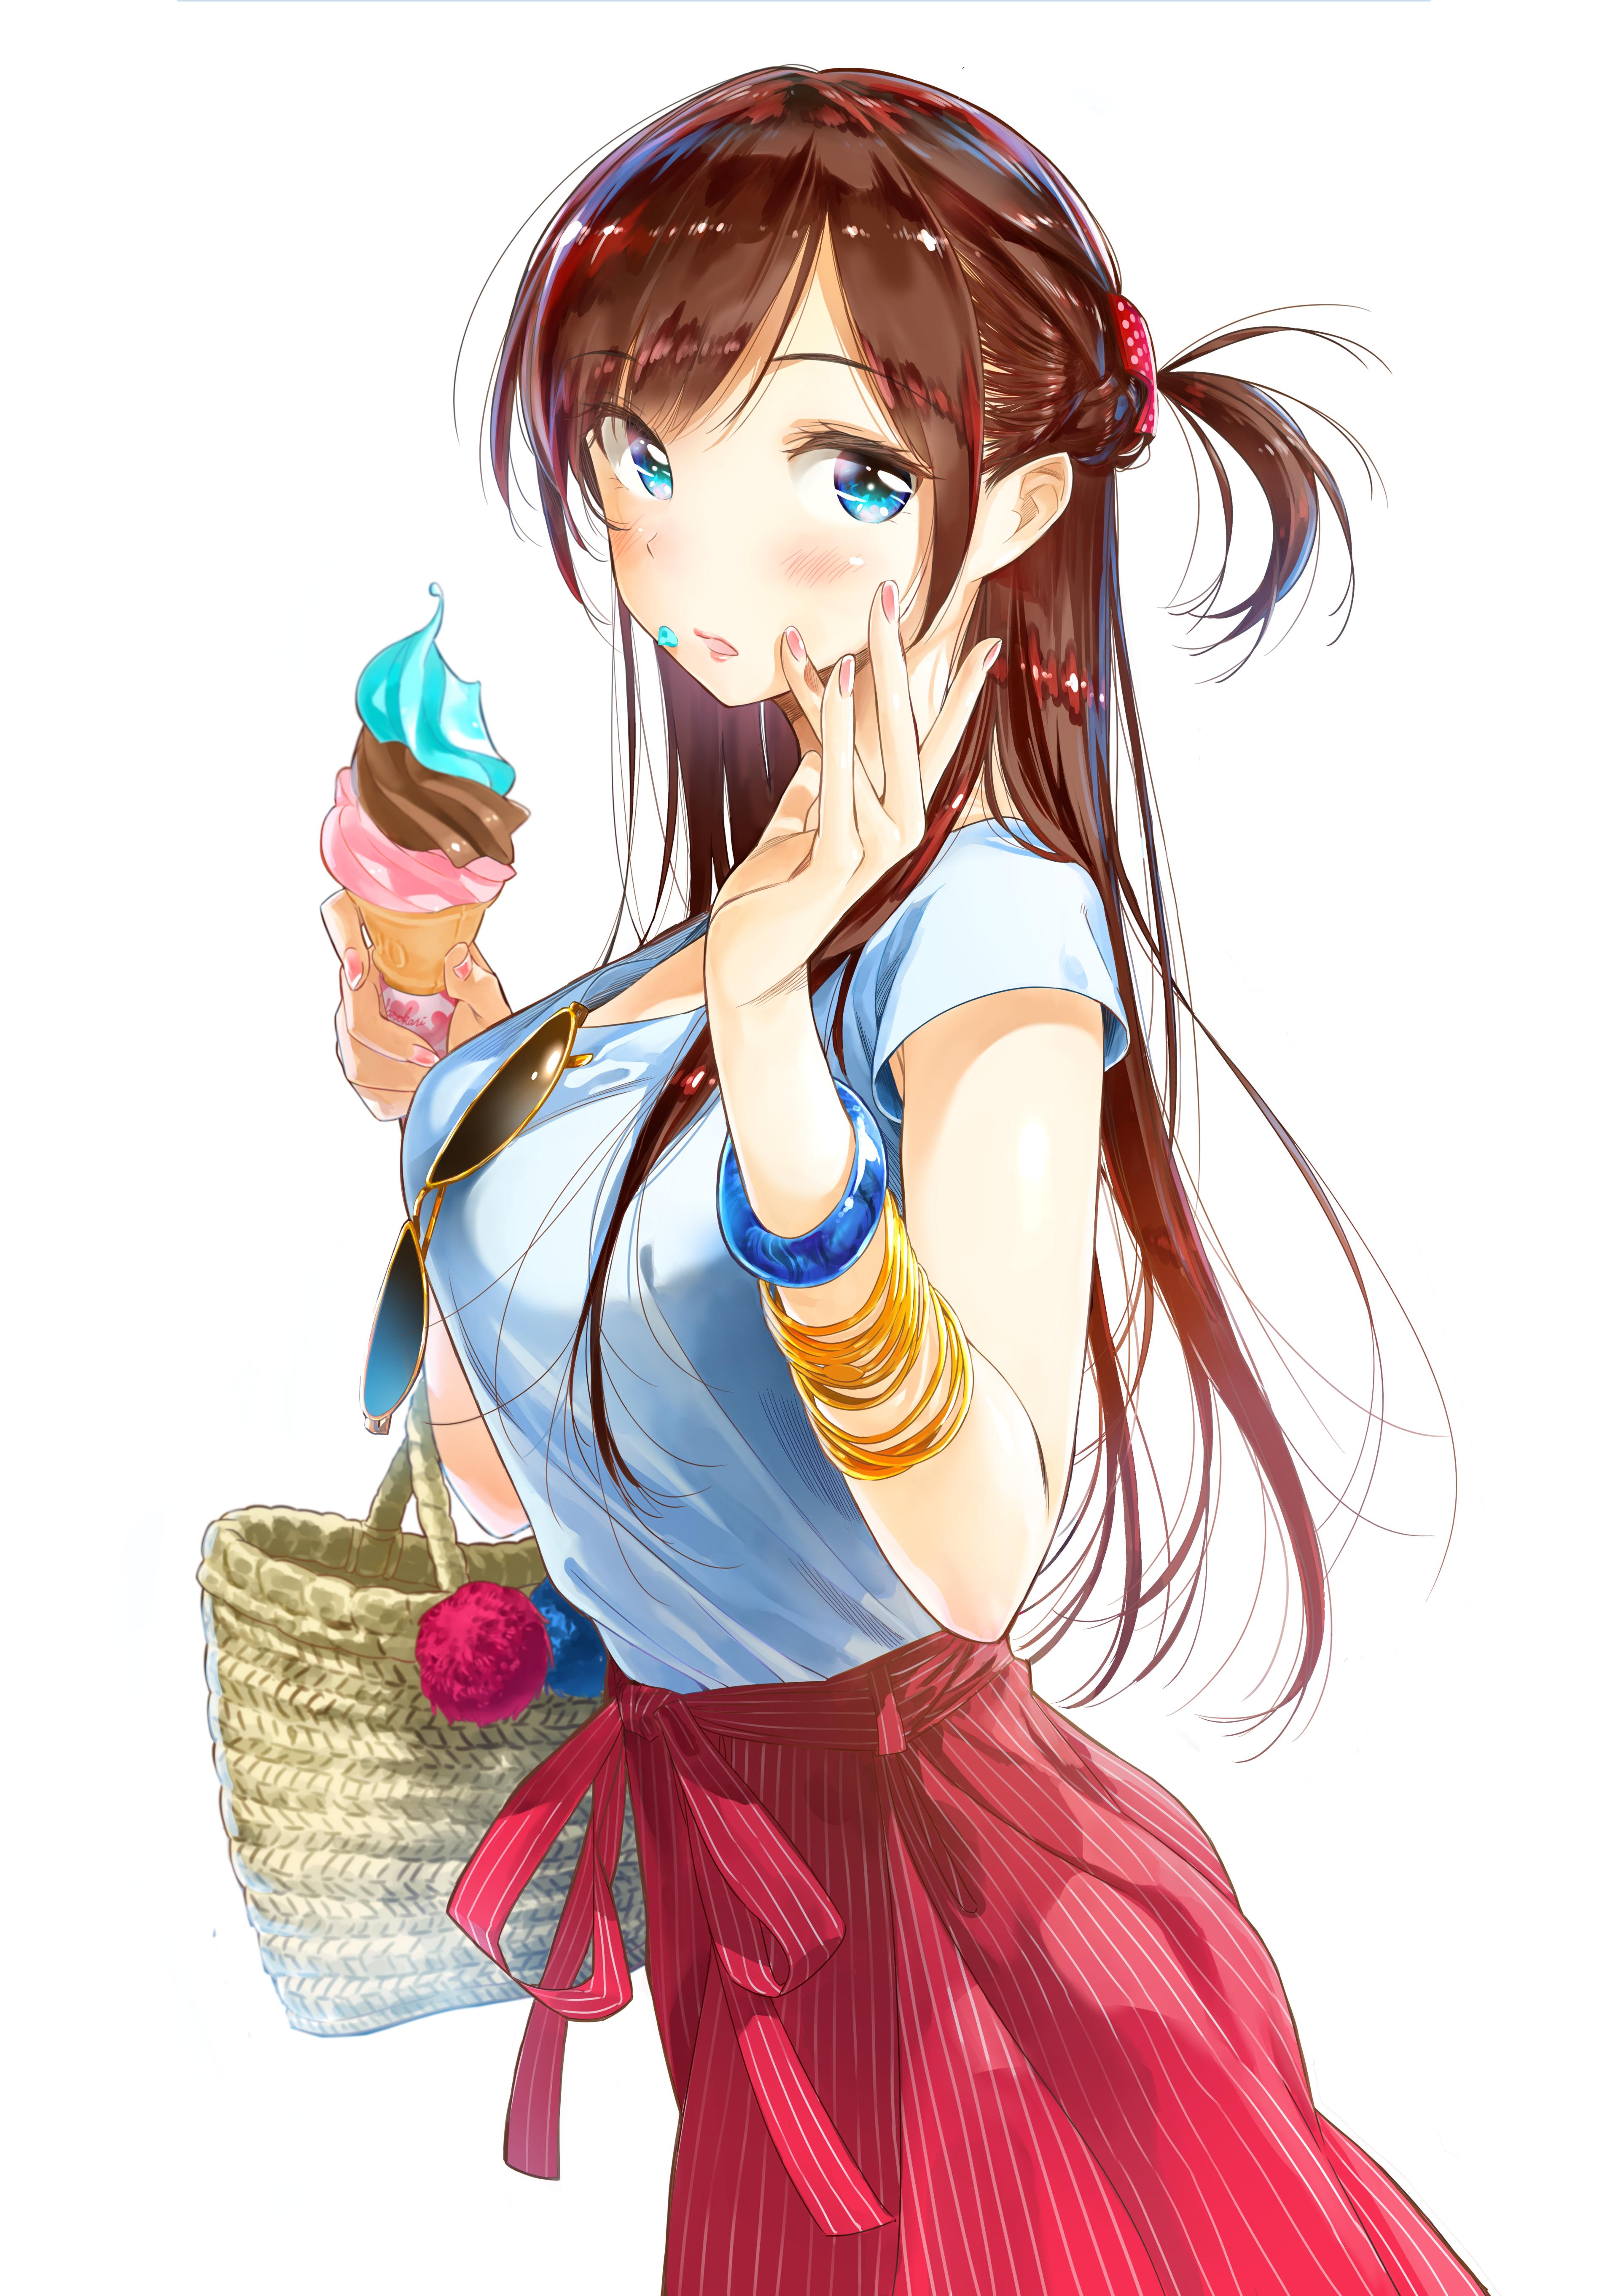 Mizuhara Chizuru Kanojo Okarishimasu Image 2813359 Zerochan Anime Image Board